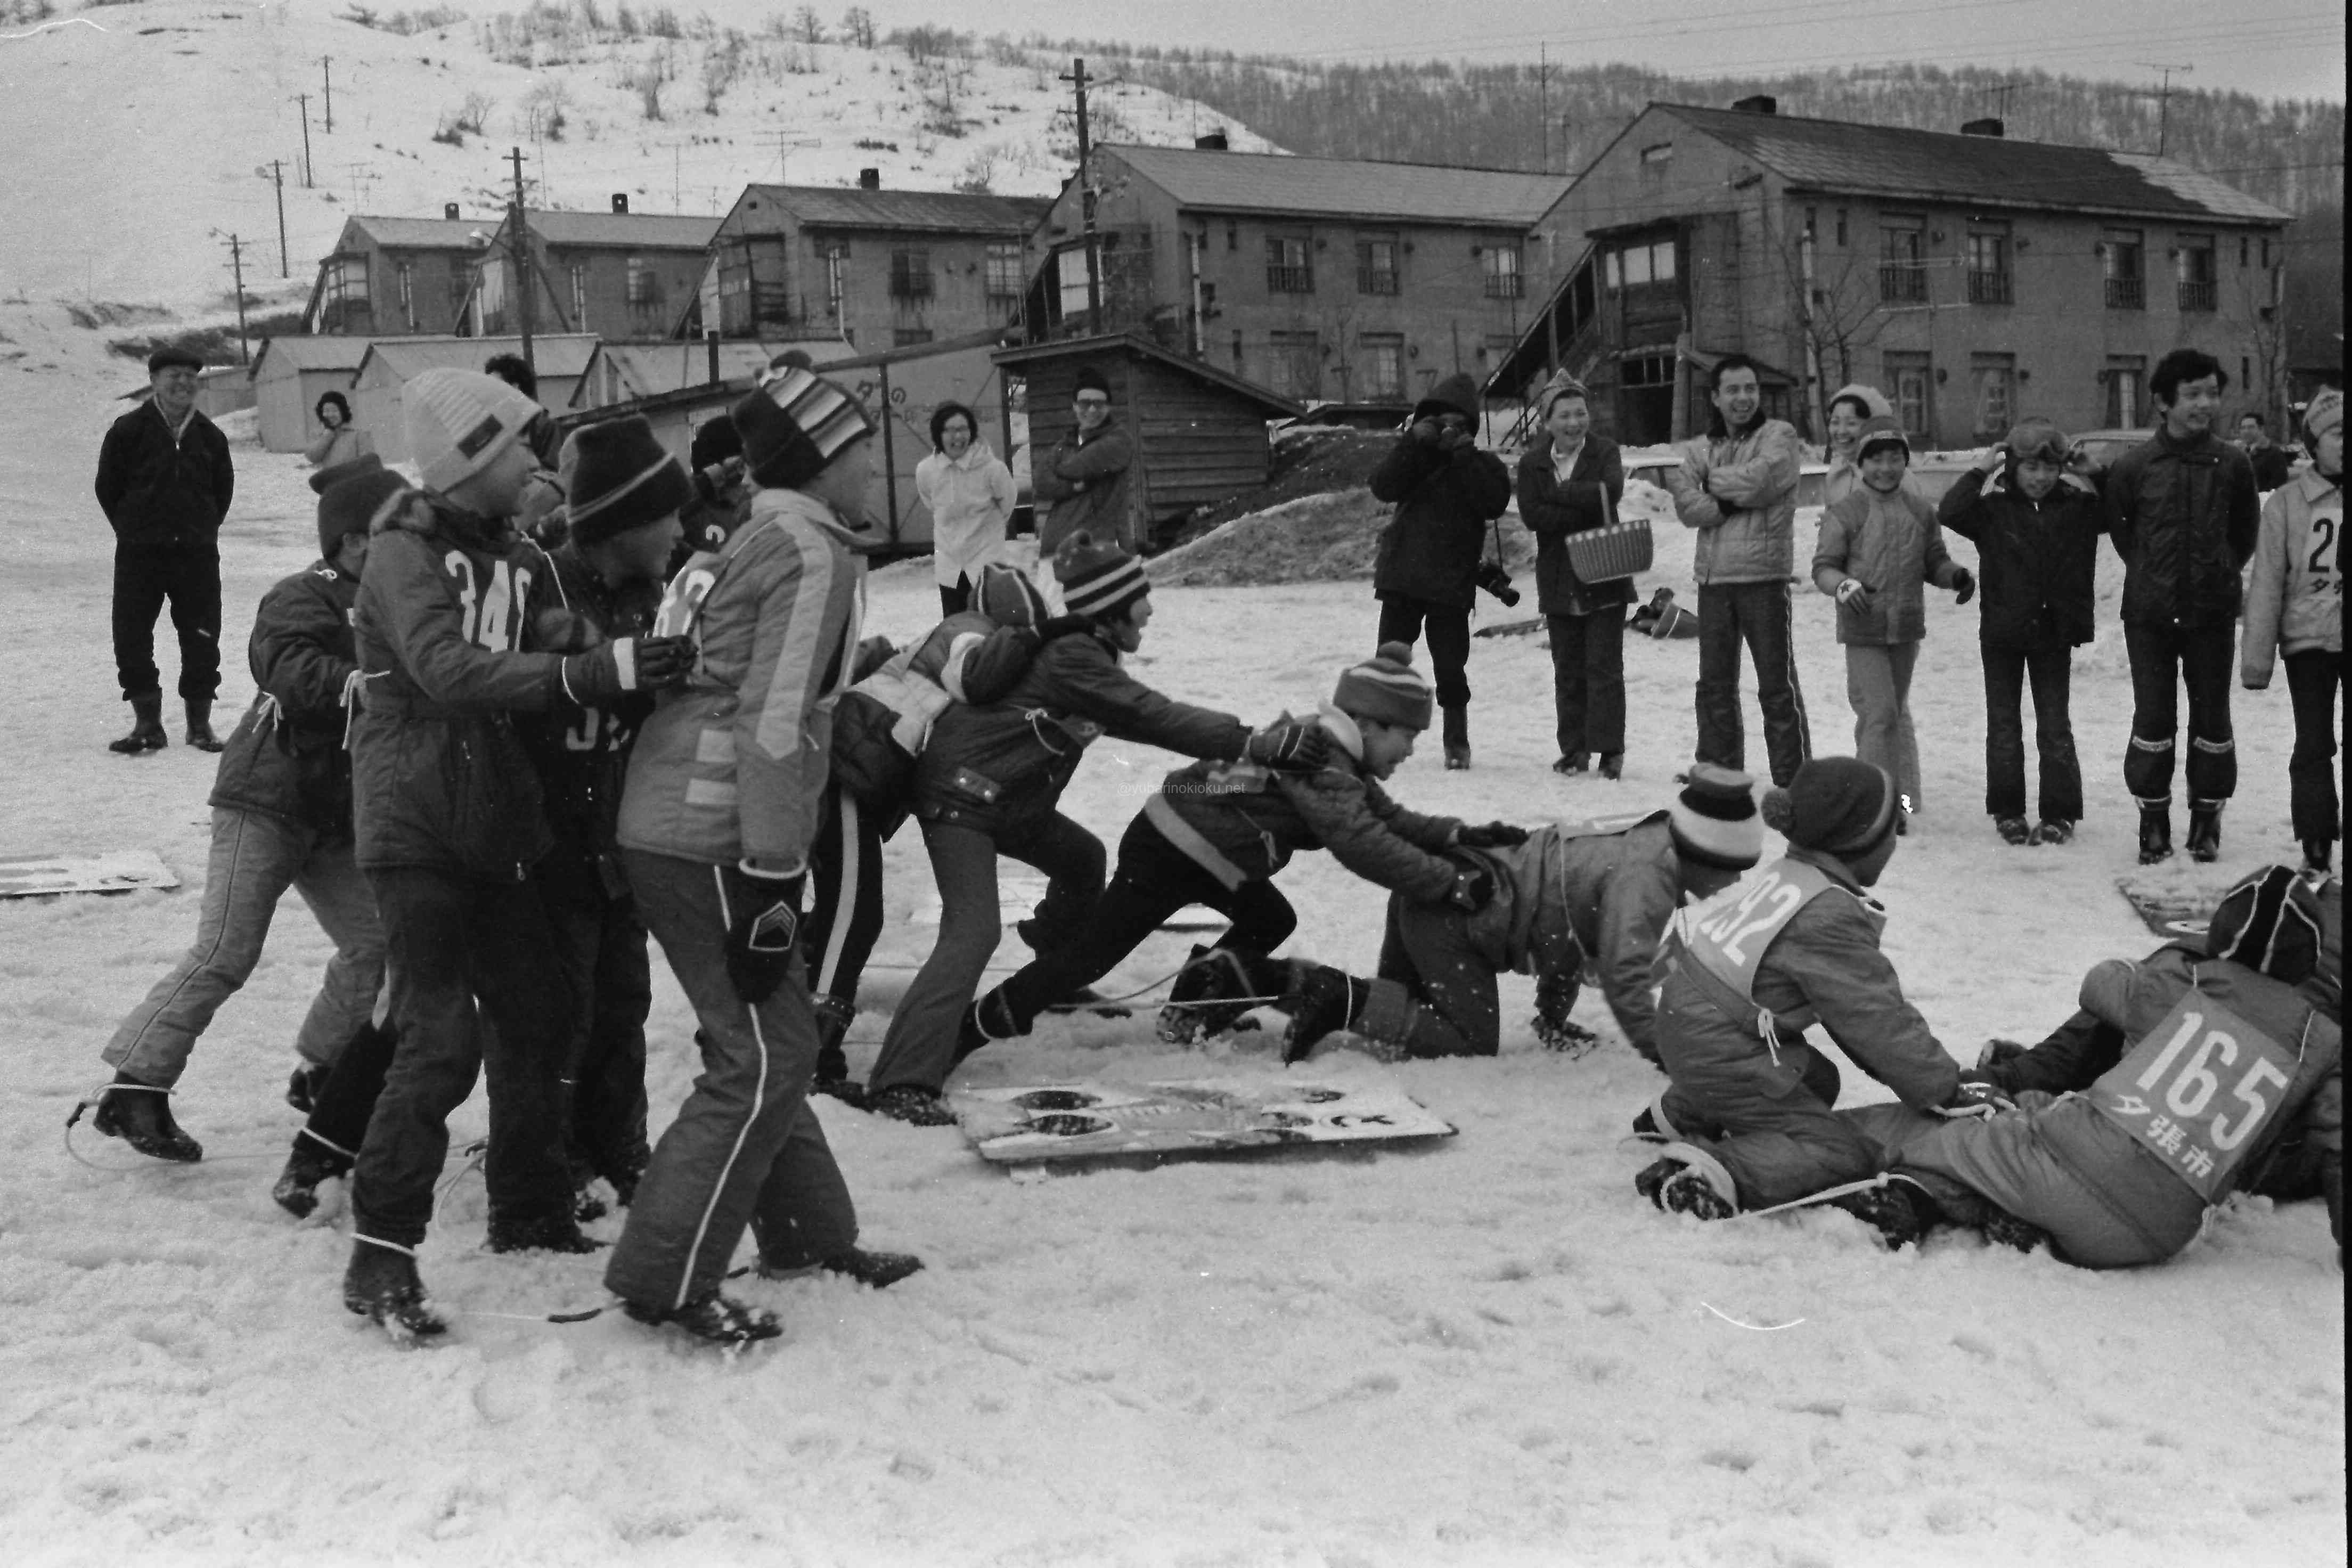 鹿の谷の市民スキー場で『冬の体力づくり』